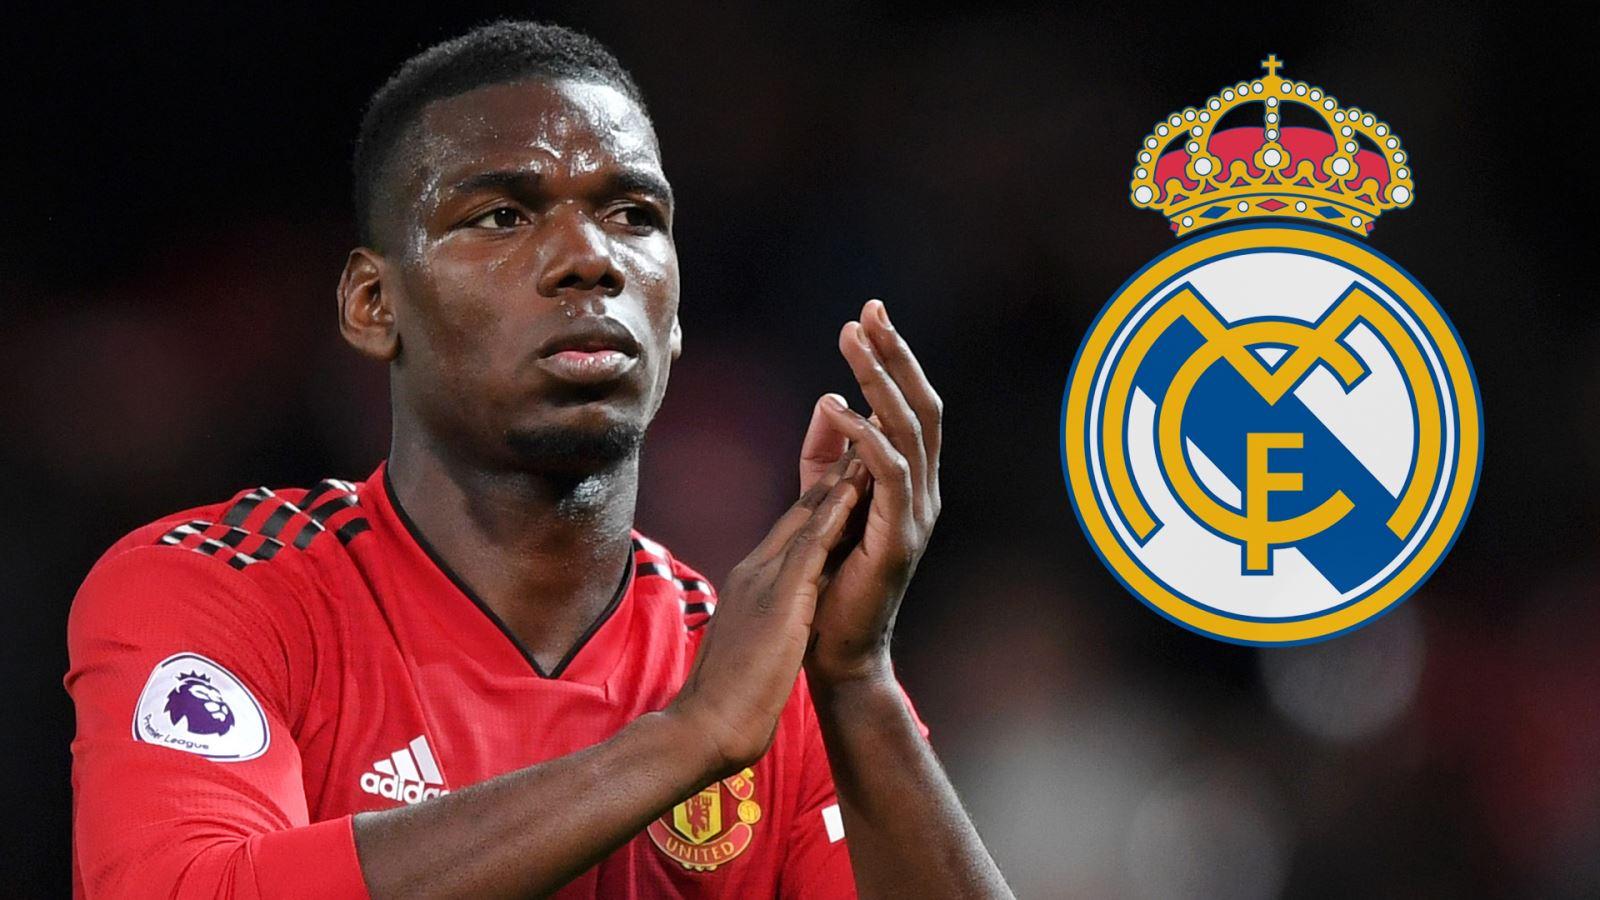 MU, chuyển nhượng MU, Real, chuyển nhượng Real, Real mua Pogba, MU bán Pogba, chuyển nhượng mùa Hè, Real bán Bale, MU mua Bale, lịch thi đấu bóng đá hôm nay